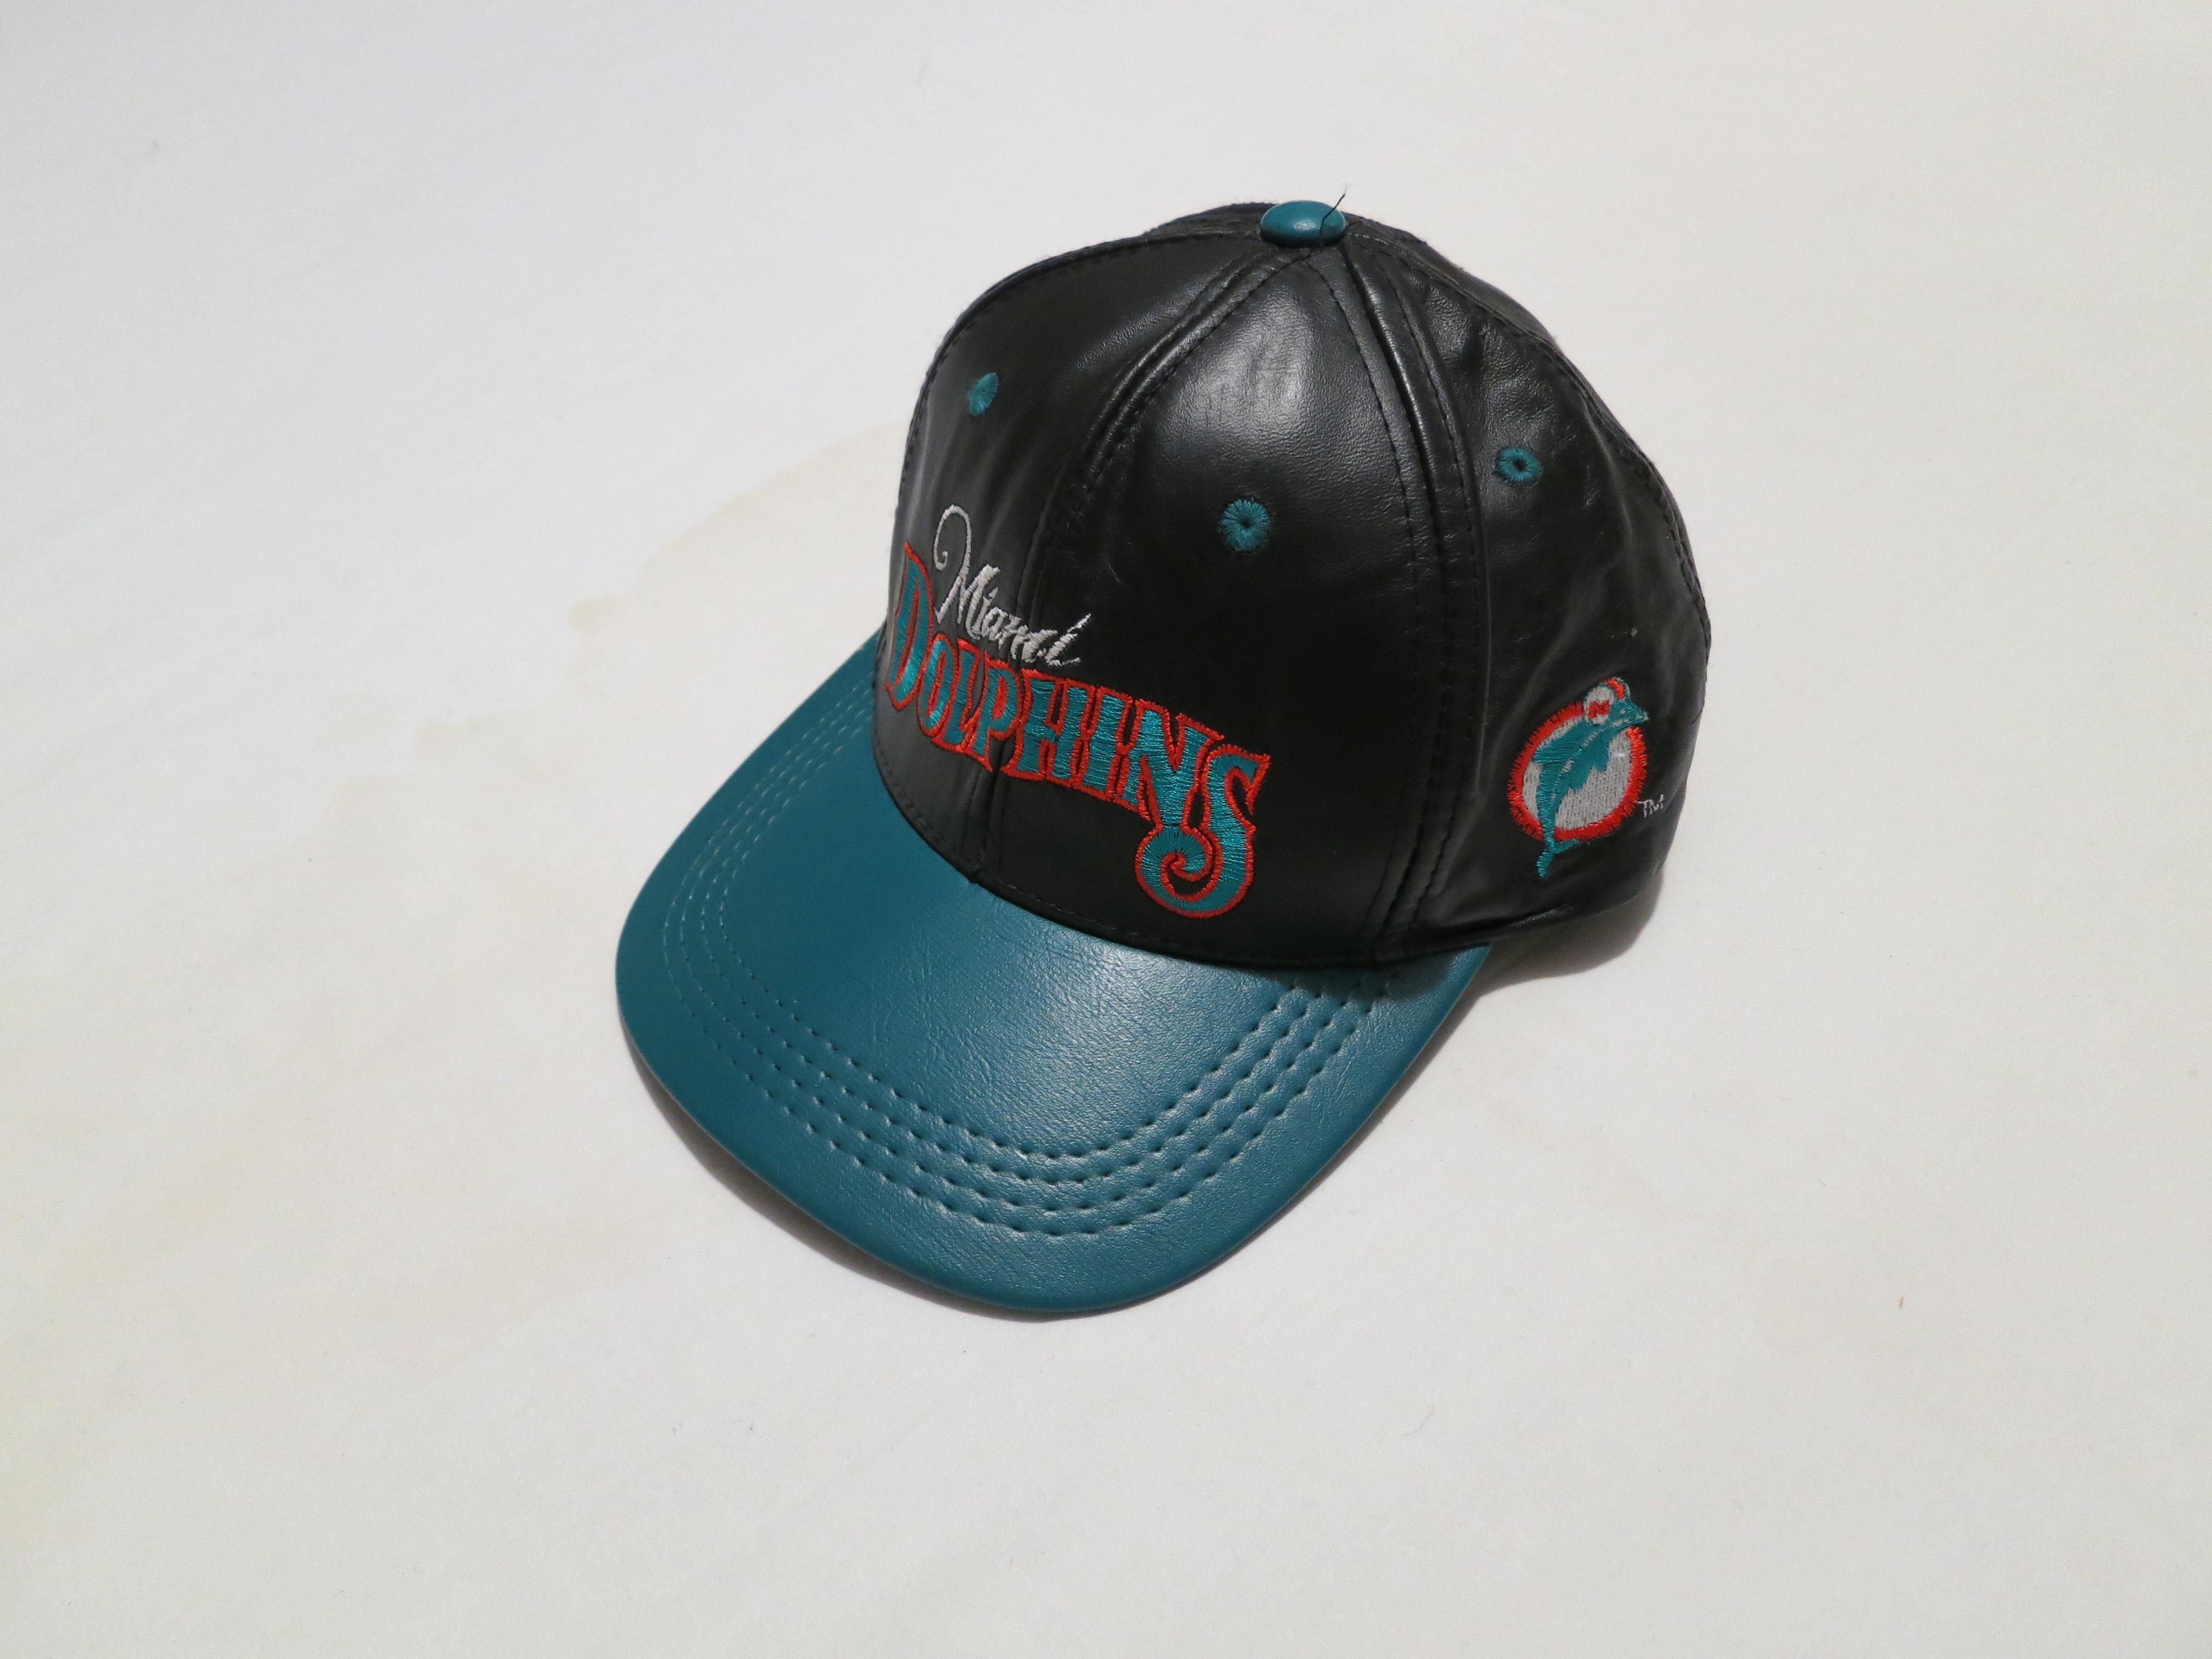 ef96c395 Vintage Miami Dolphins Team NFL football leather snapback hat